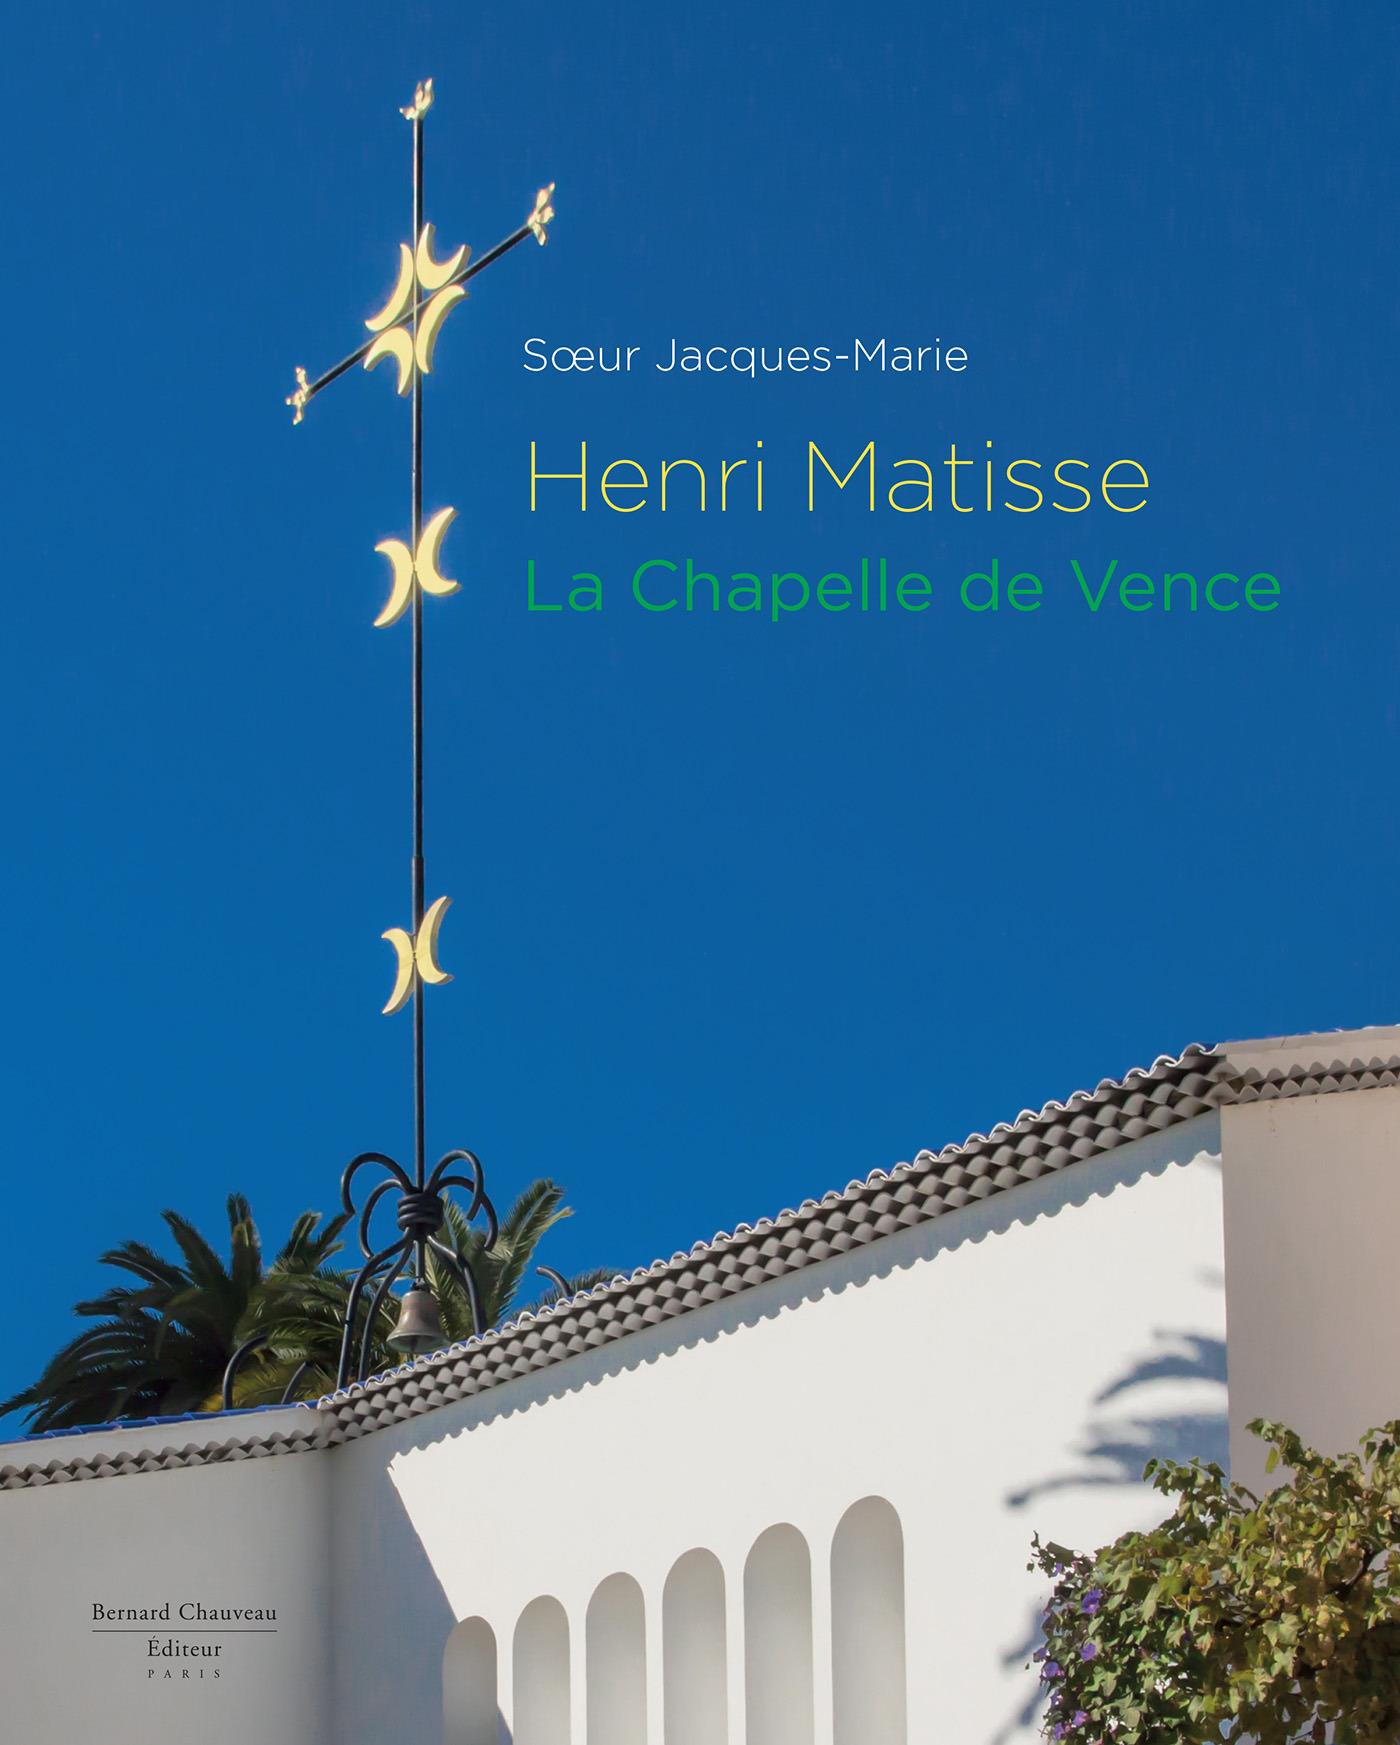 Soeur Jacques-Marie Henri Matisse ; la chapelle de Vence